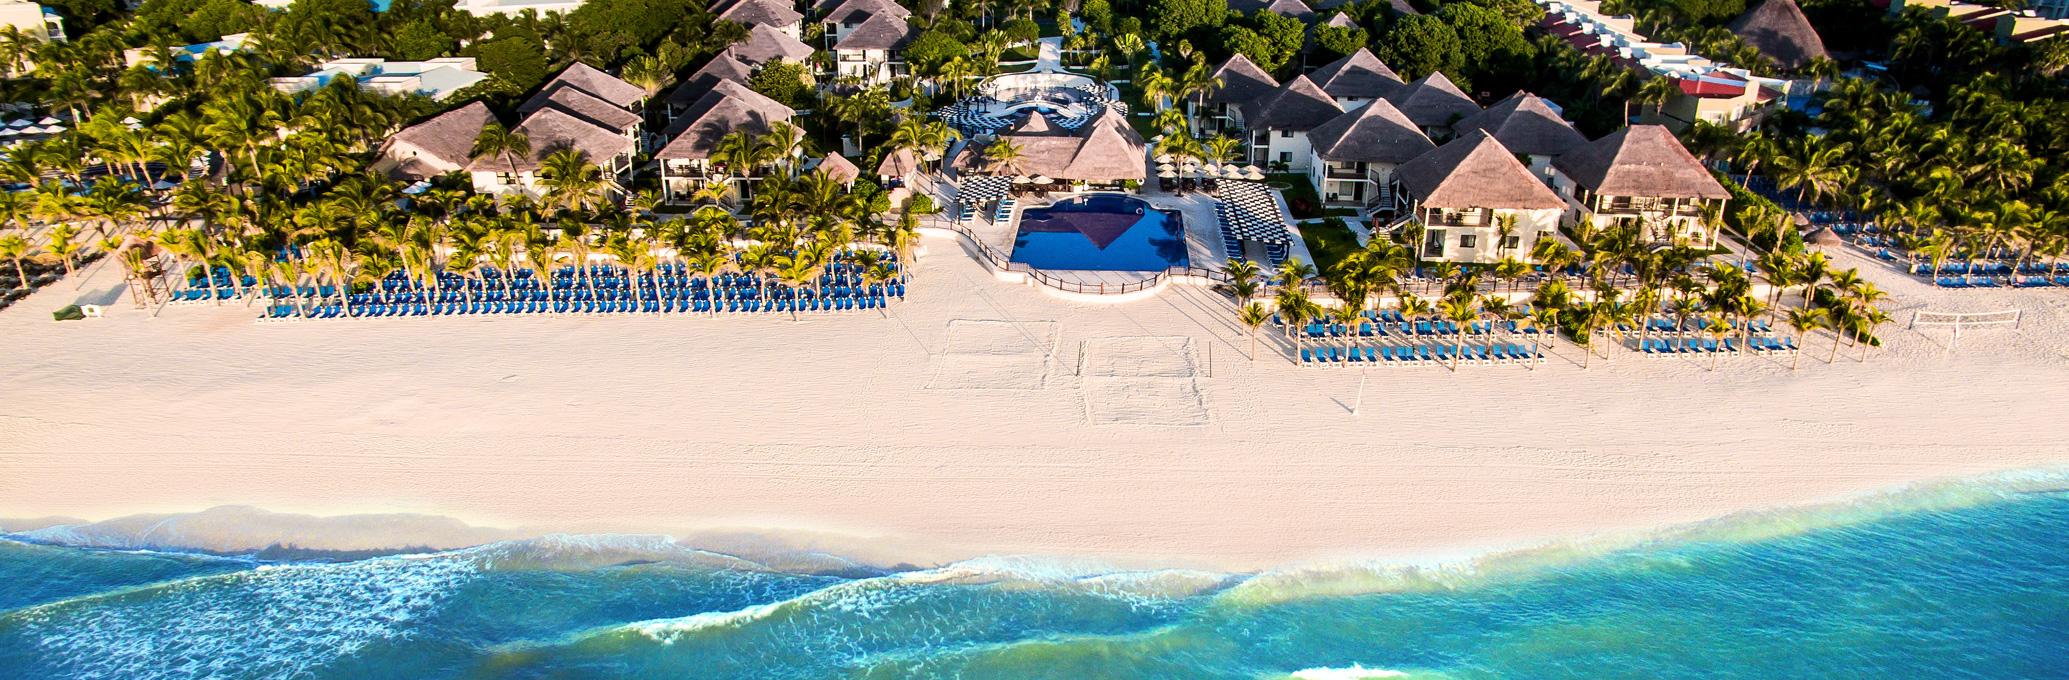 Allegro Playacar: mejores hoteles Playa del Carmen